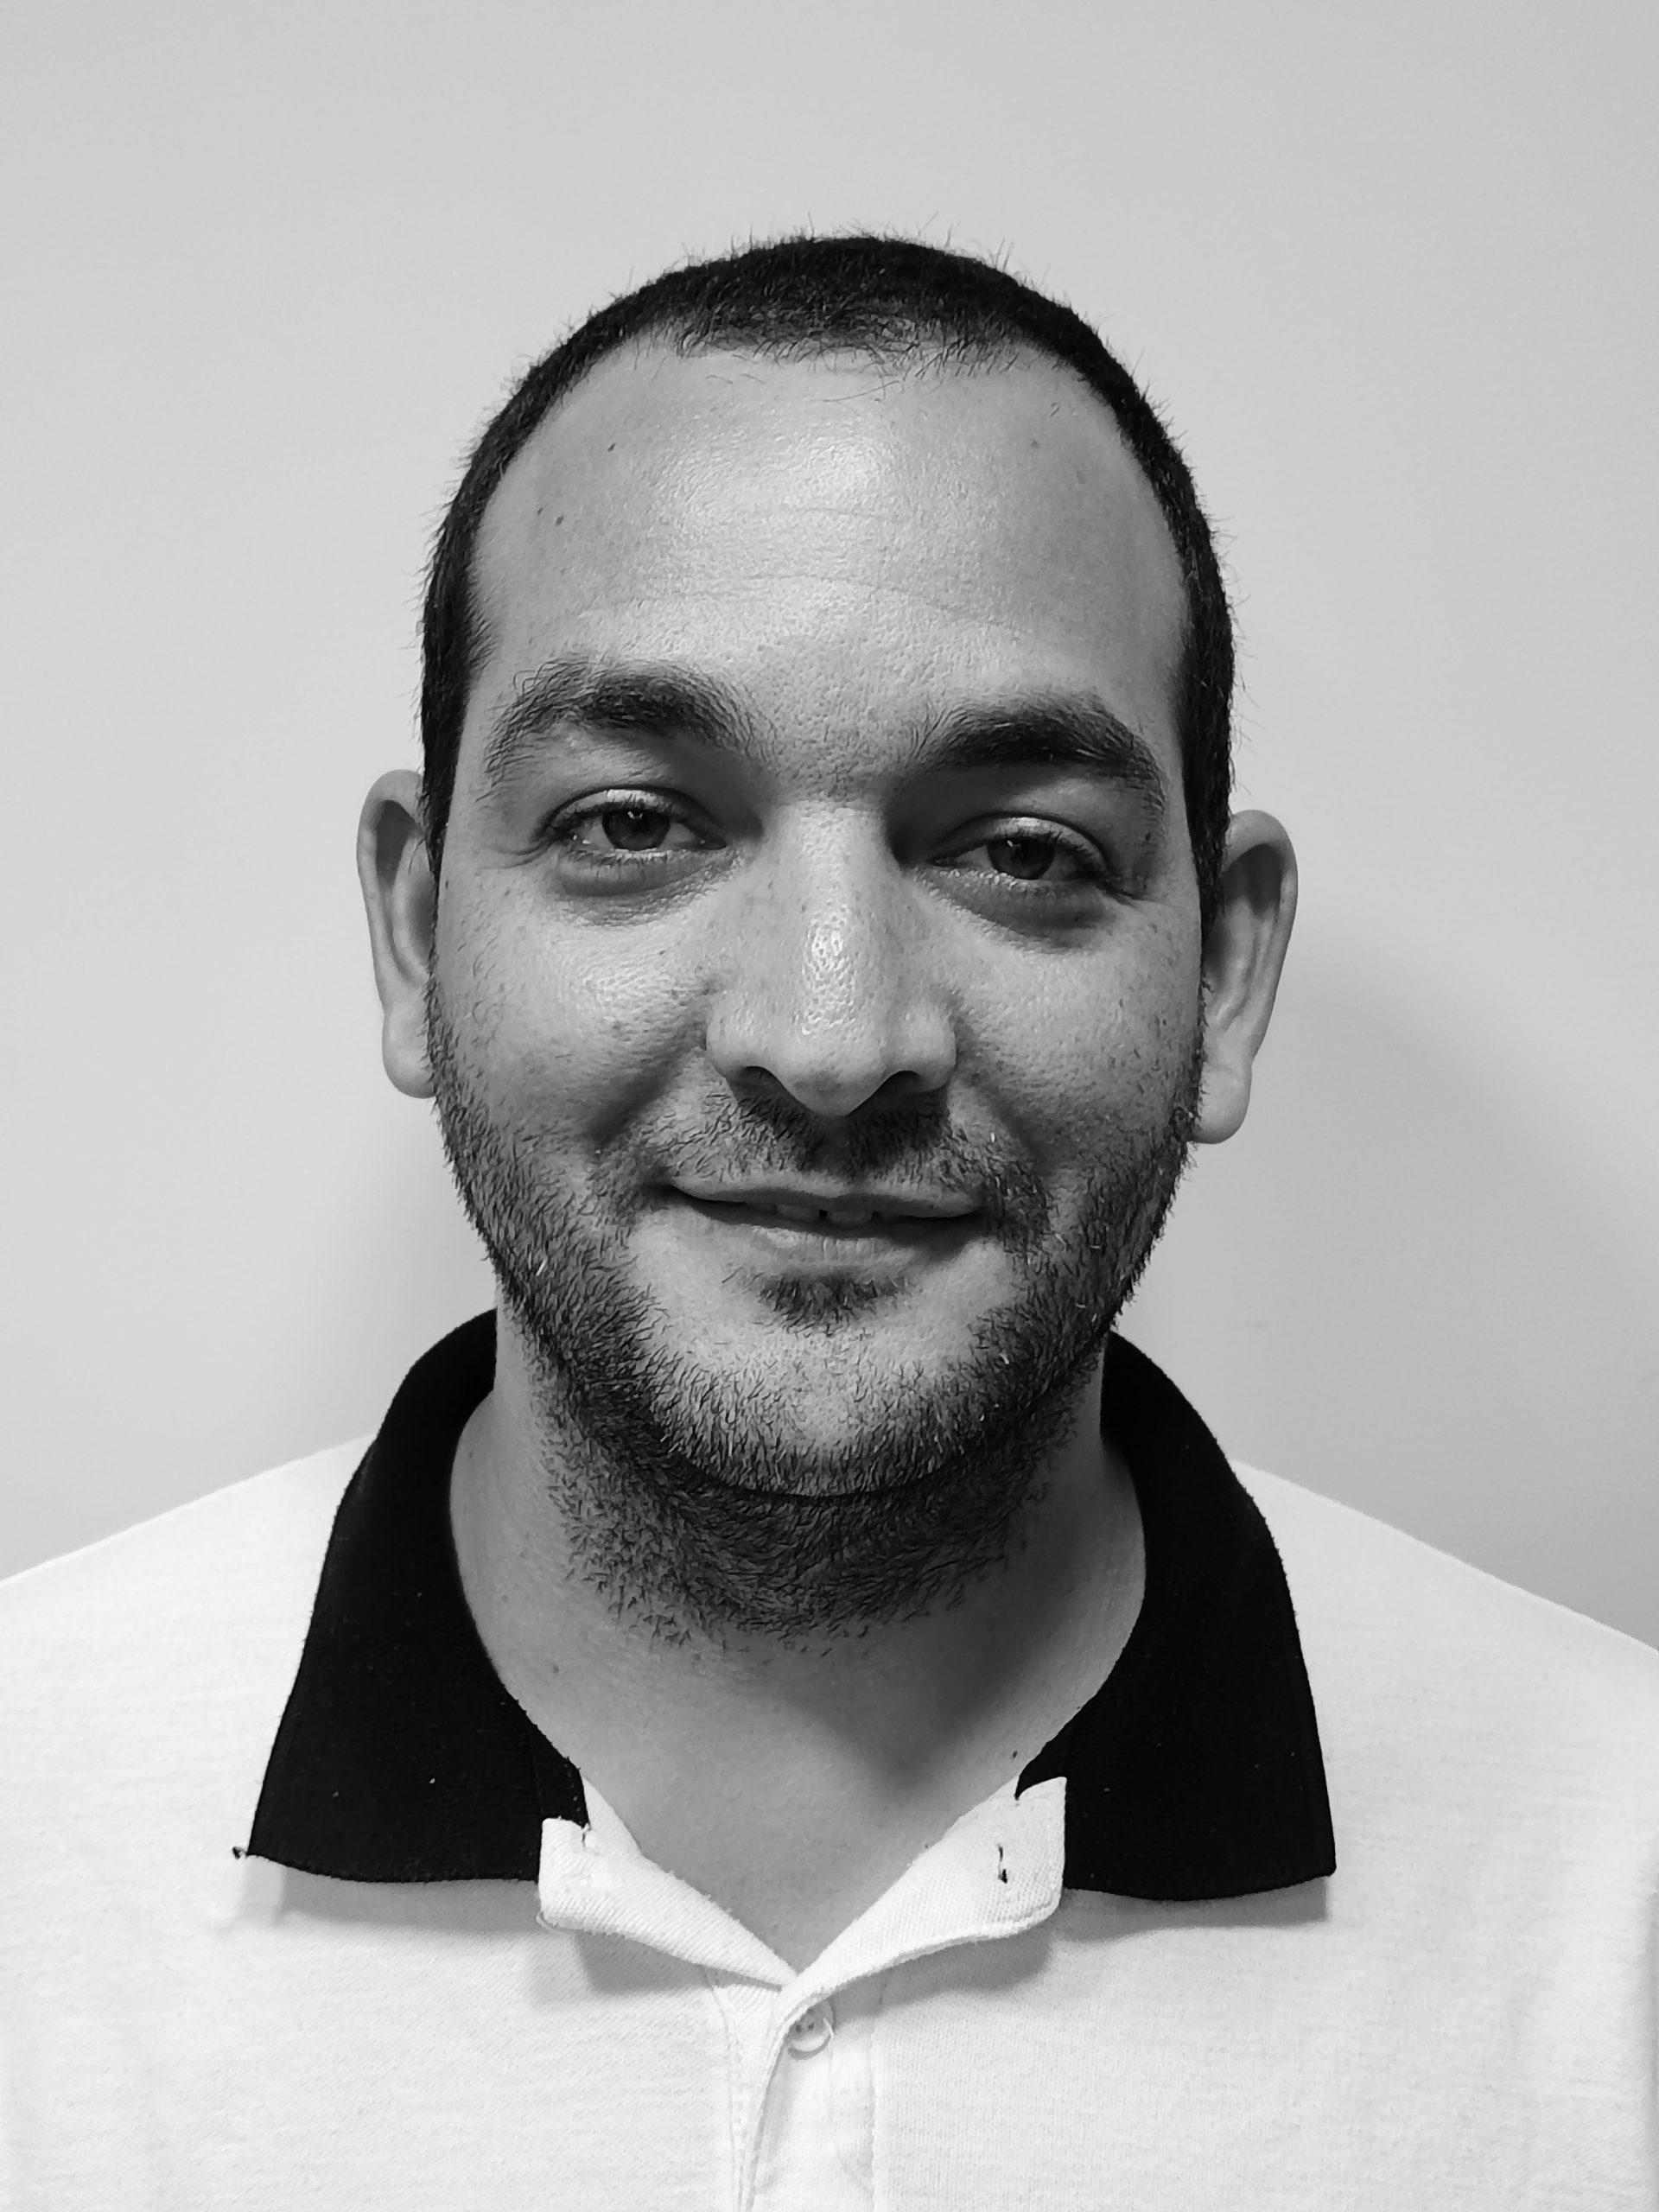 Yohai Zadaka